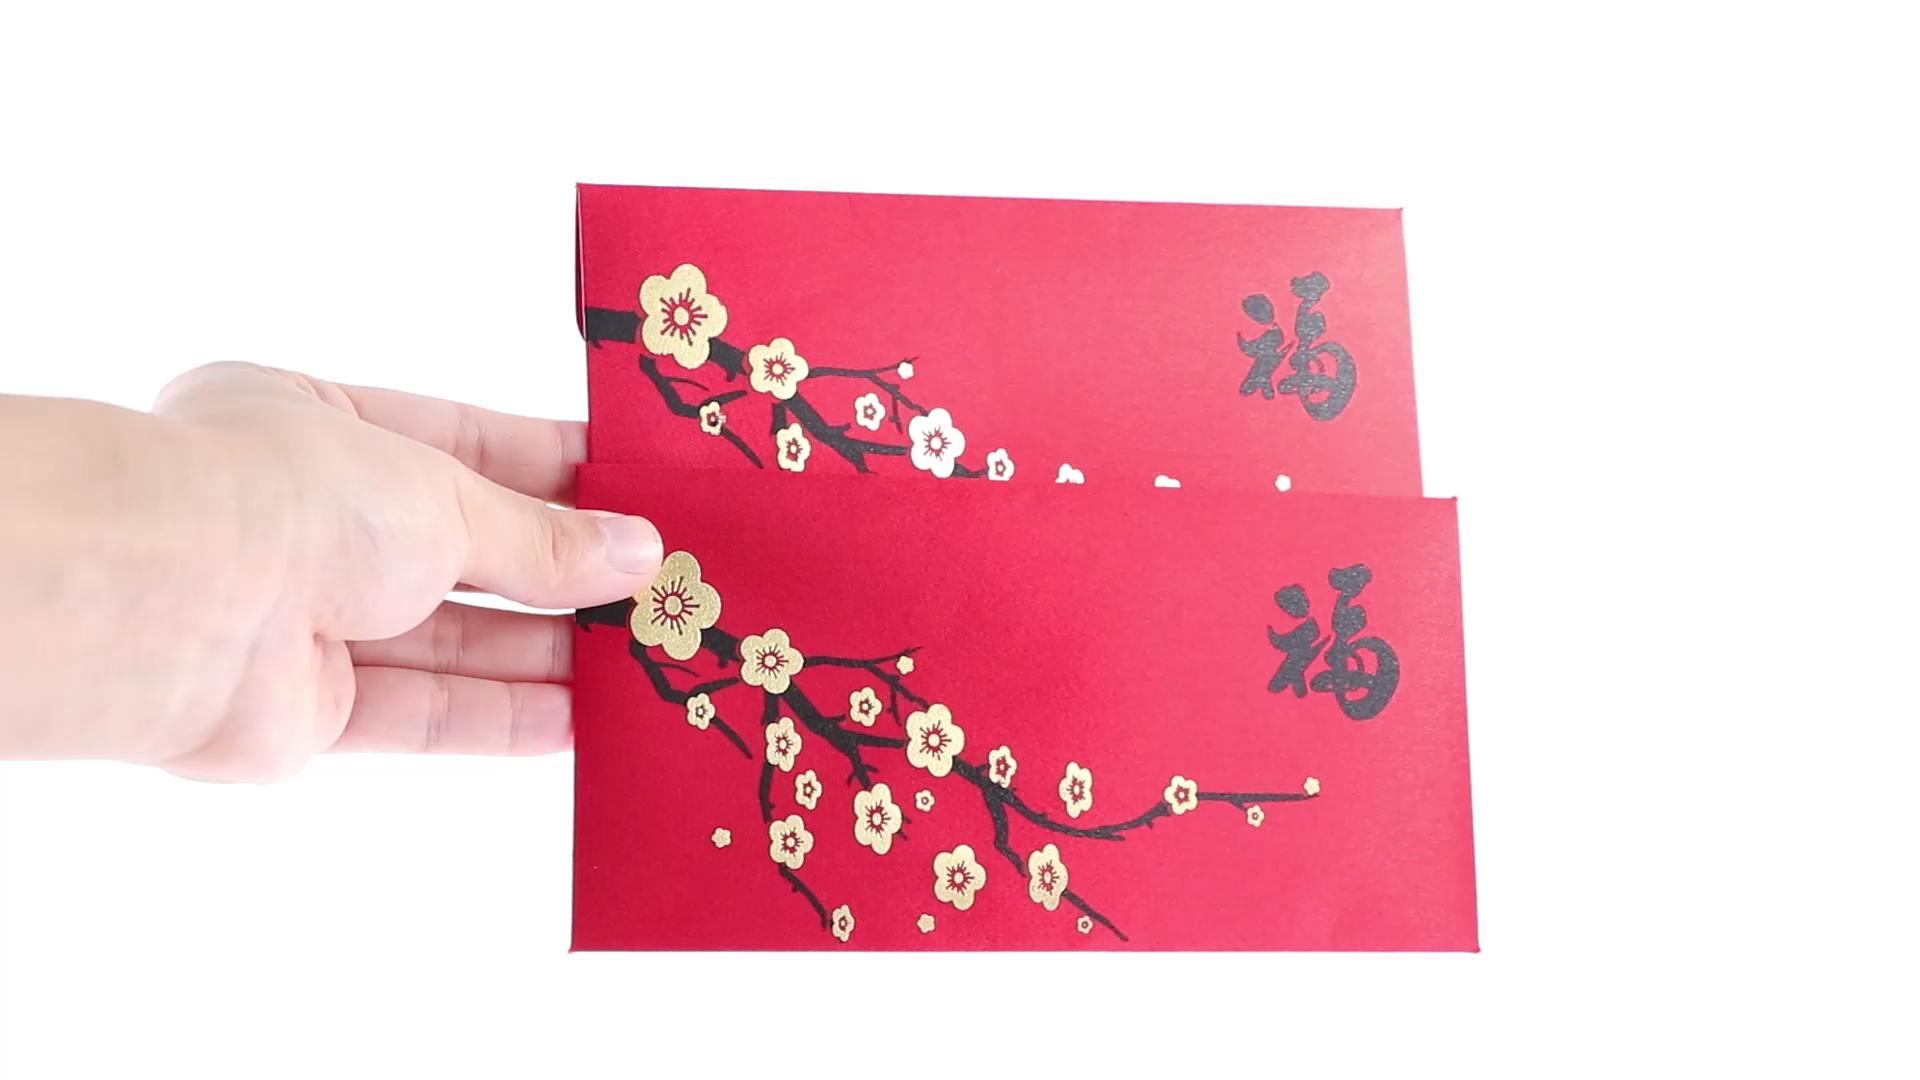 2021 Fancy custom made nuovo anno fortunato soldi di imballaggio Cinese rosso busta di carta